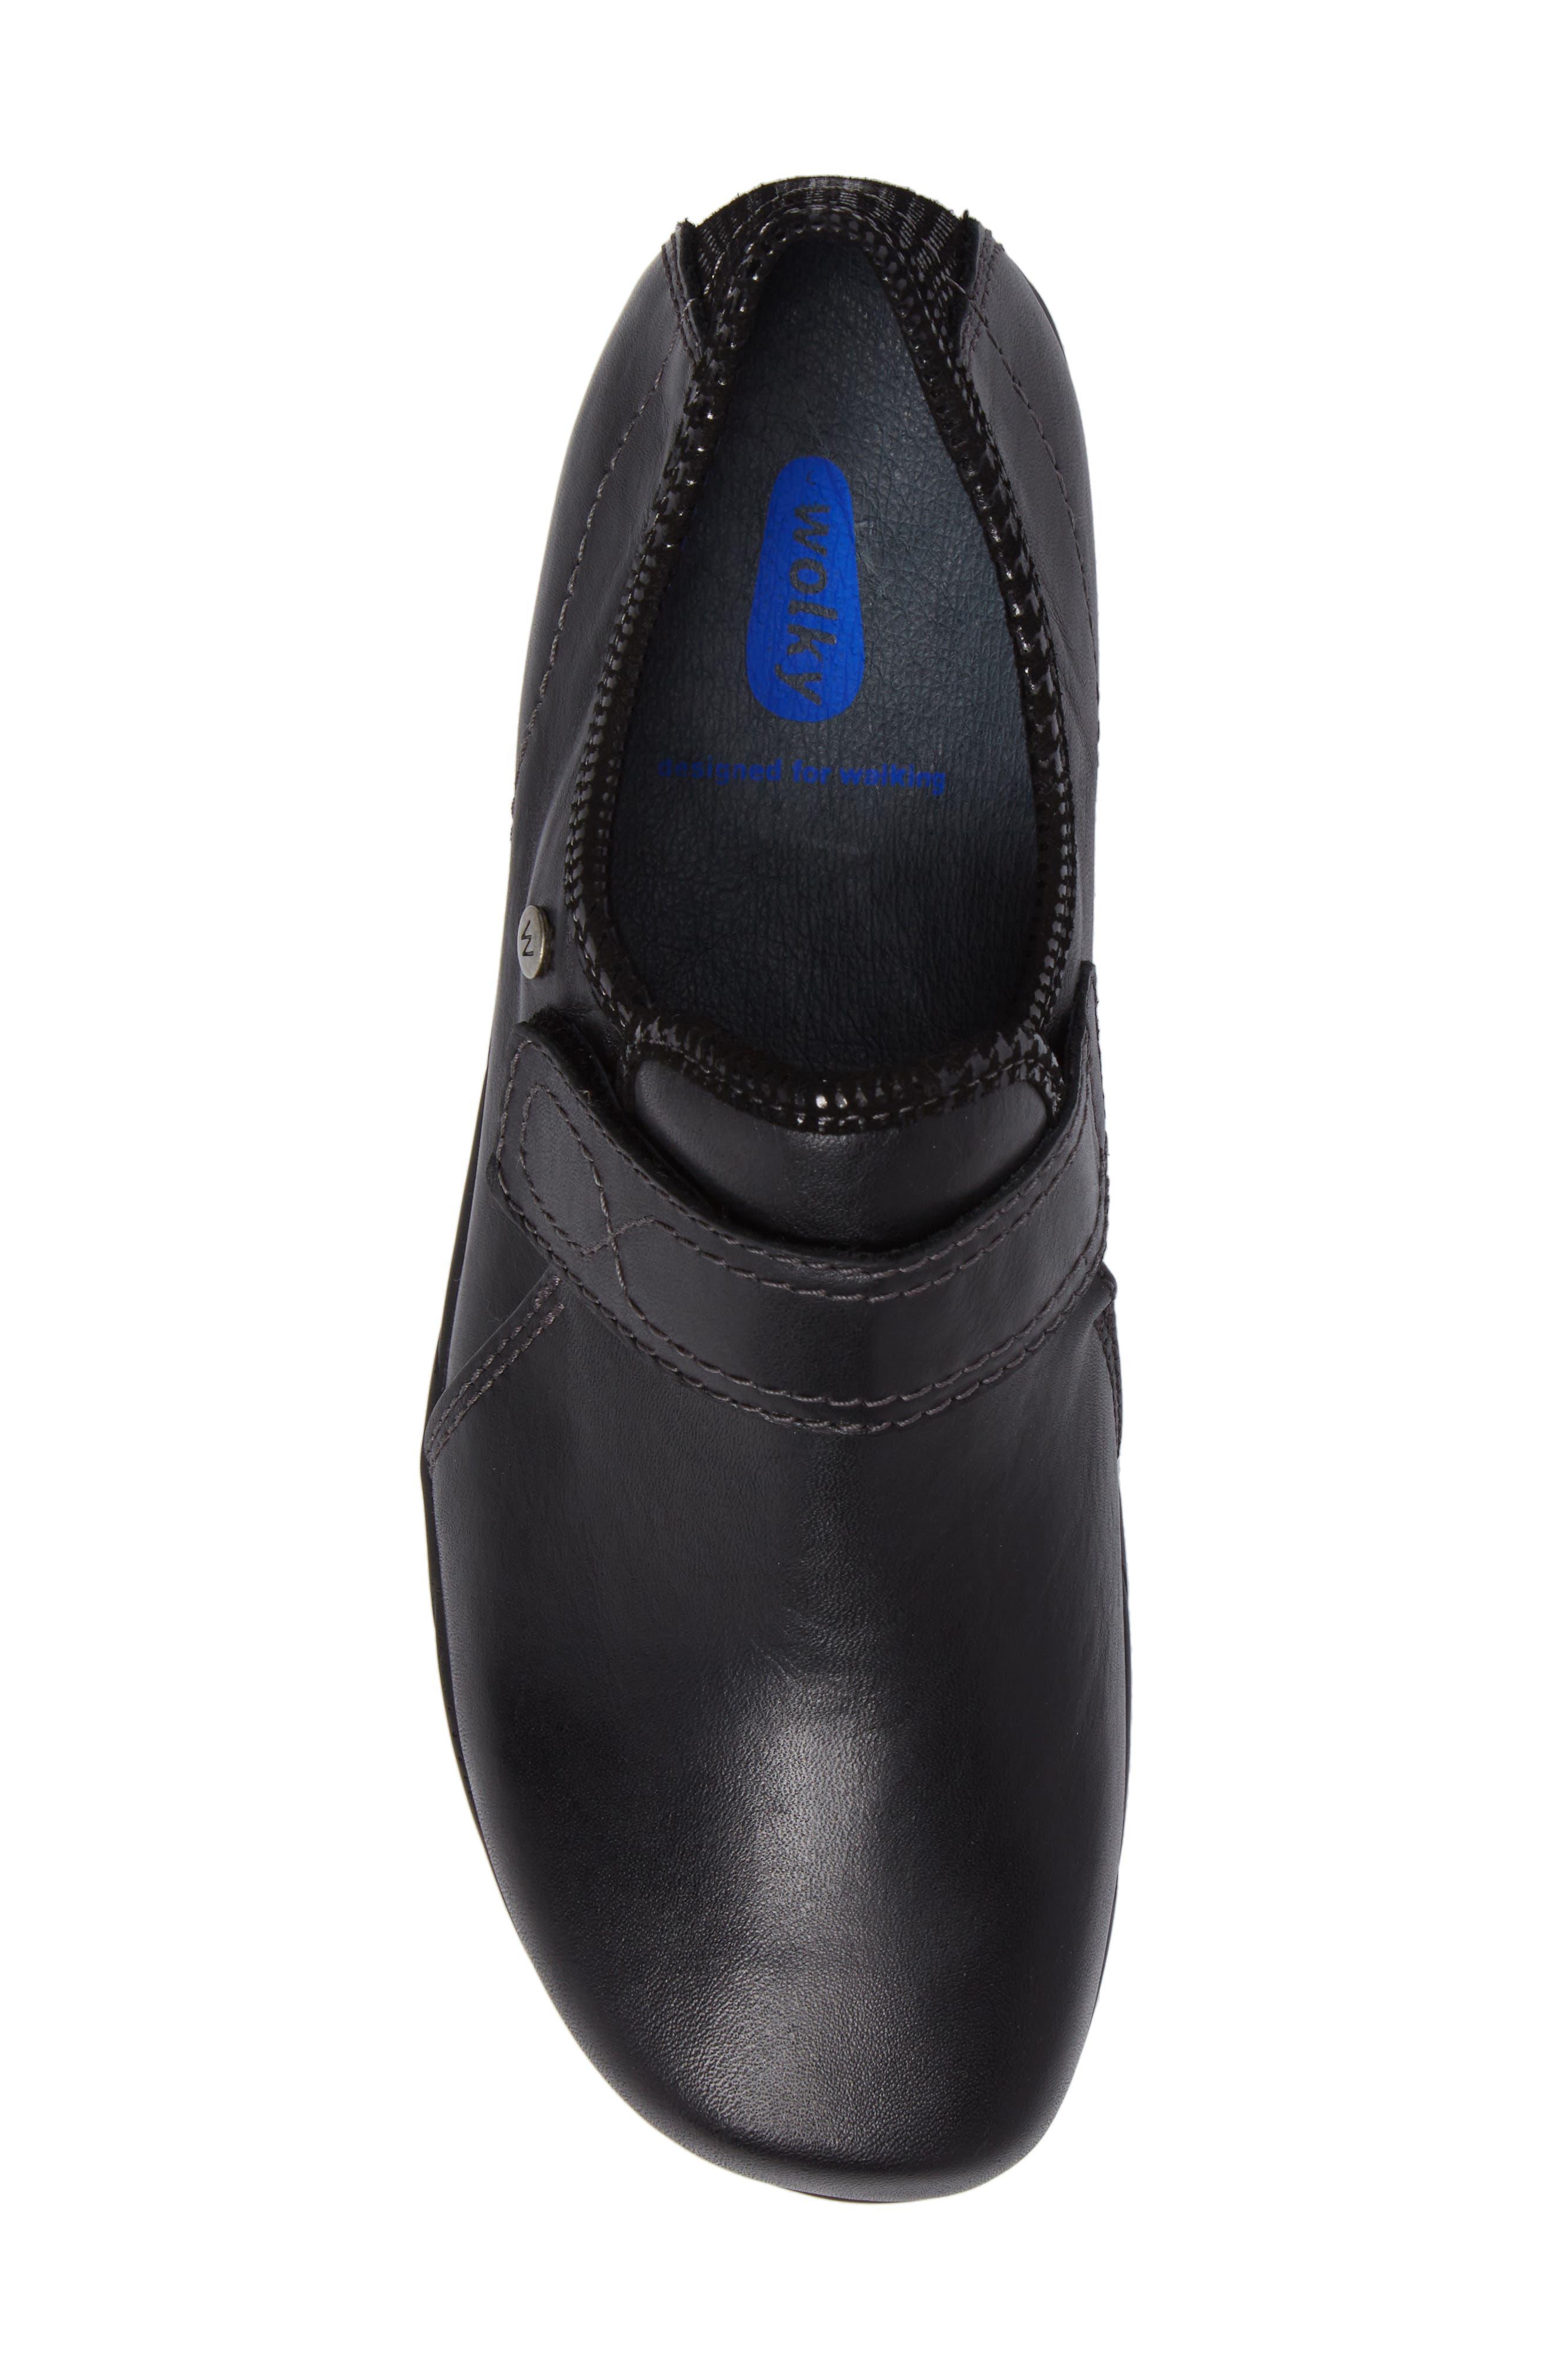 Desna Slip-On Sneaker,                             Alternate thumbnail 5, color,                             001